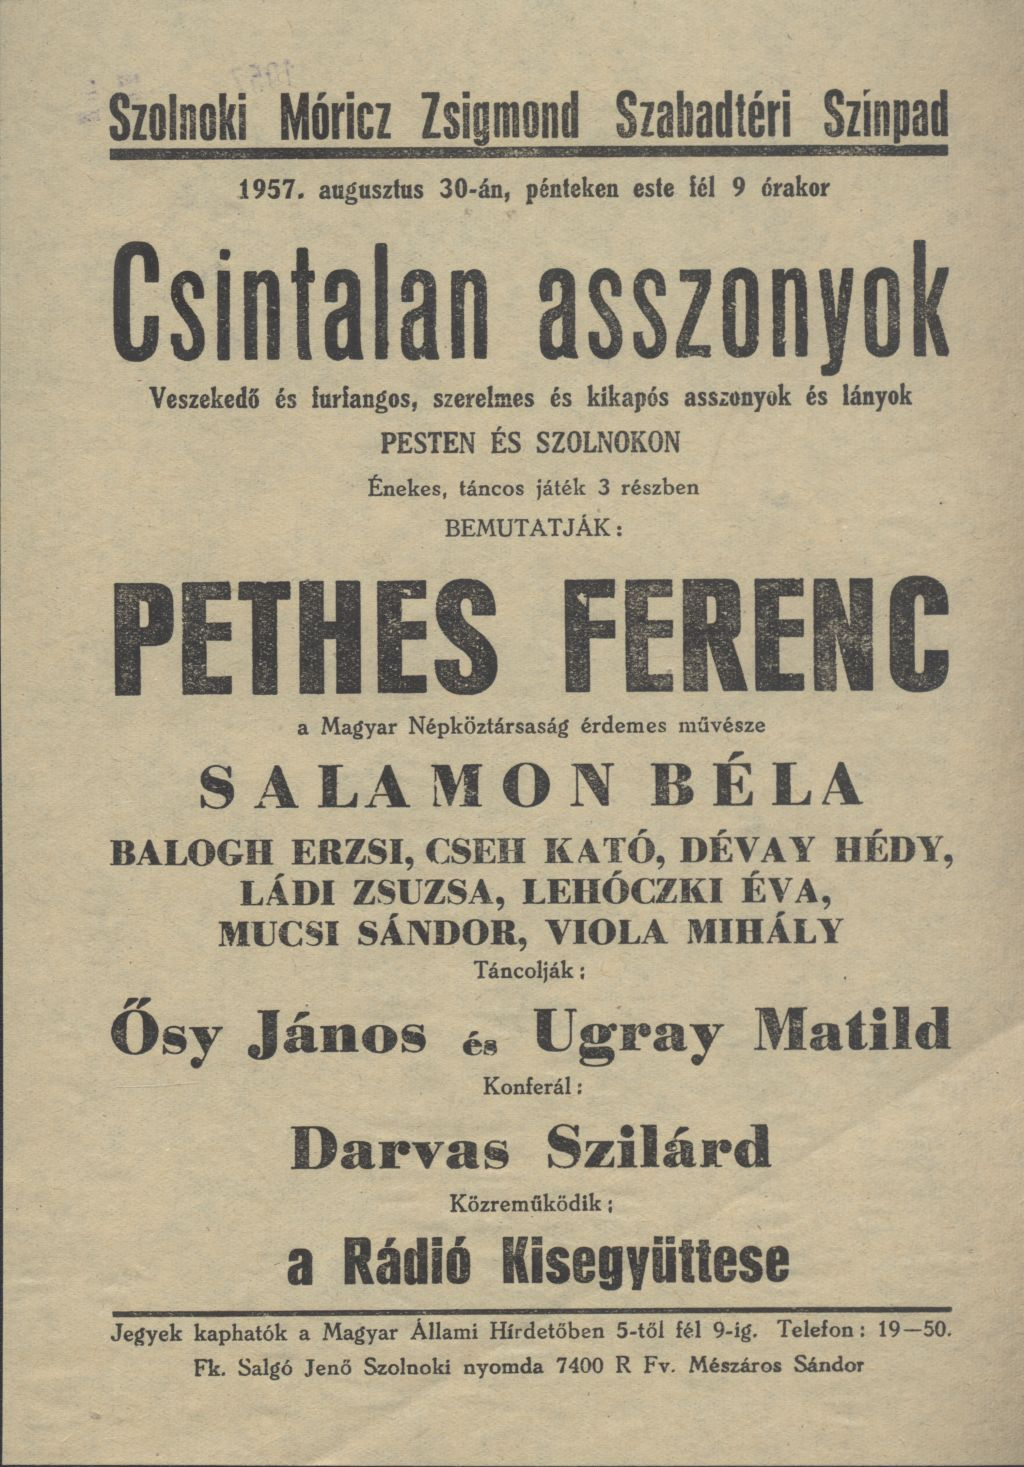 Móricz Zsigmond Szabadtéri Színpad előadása